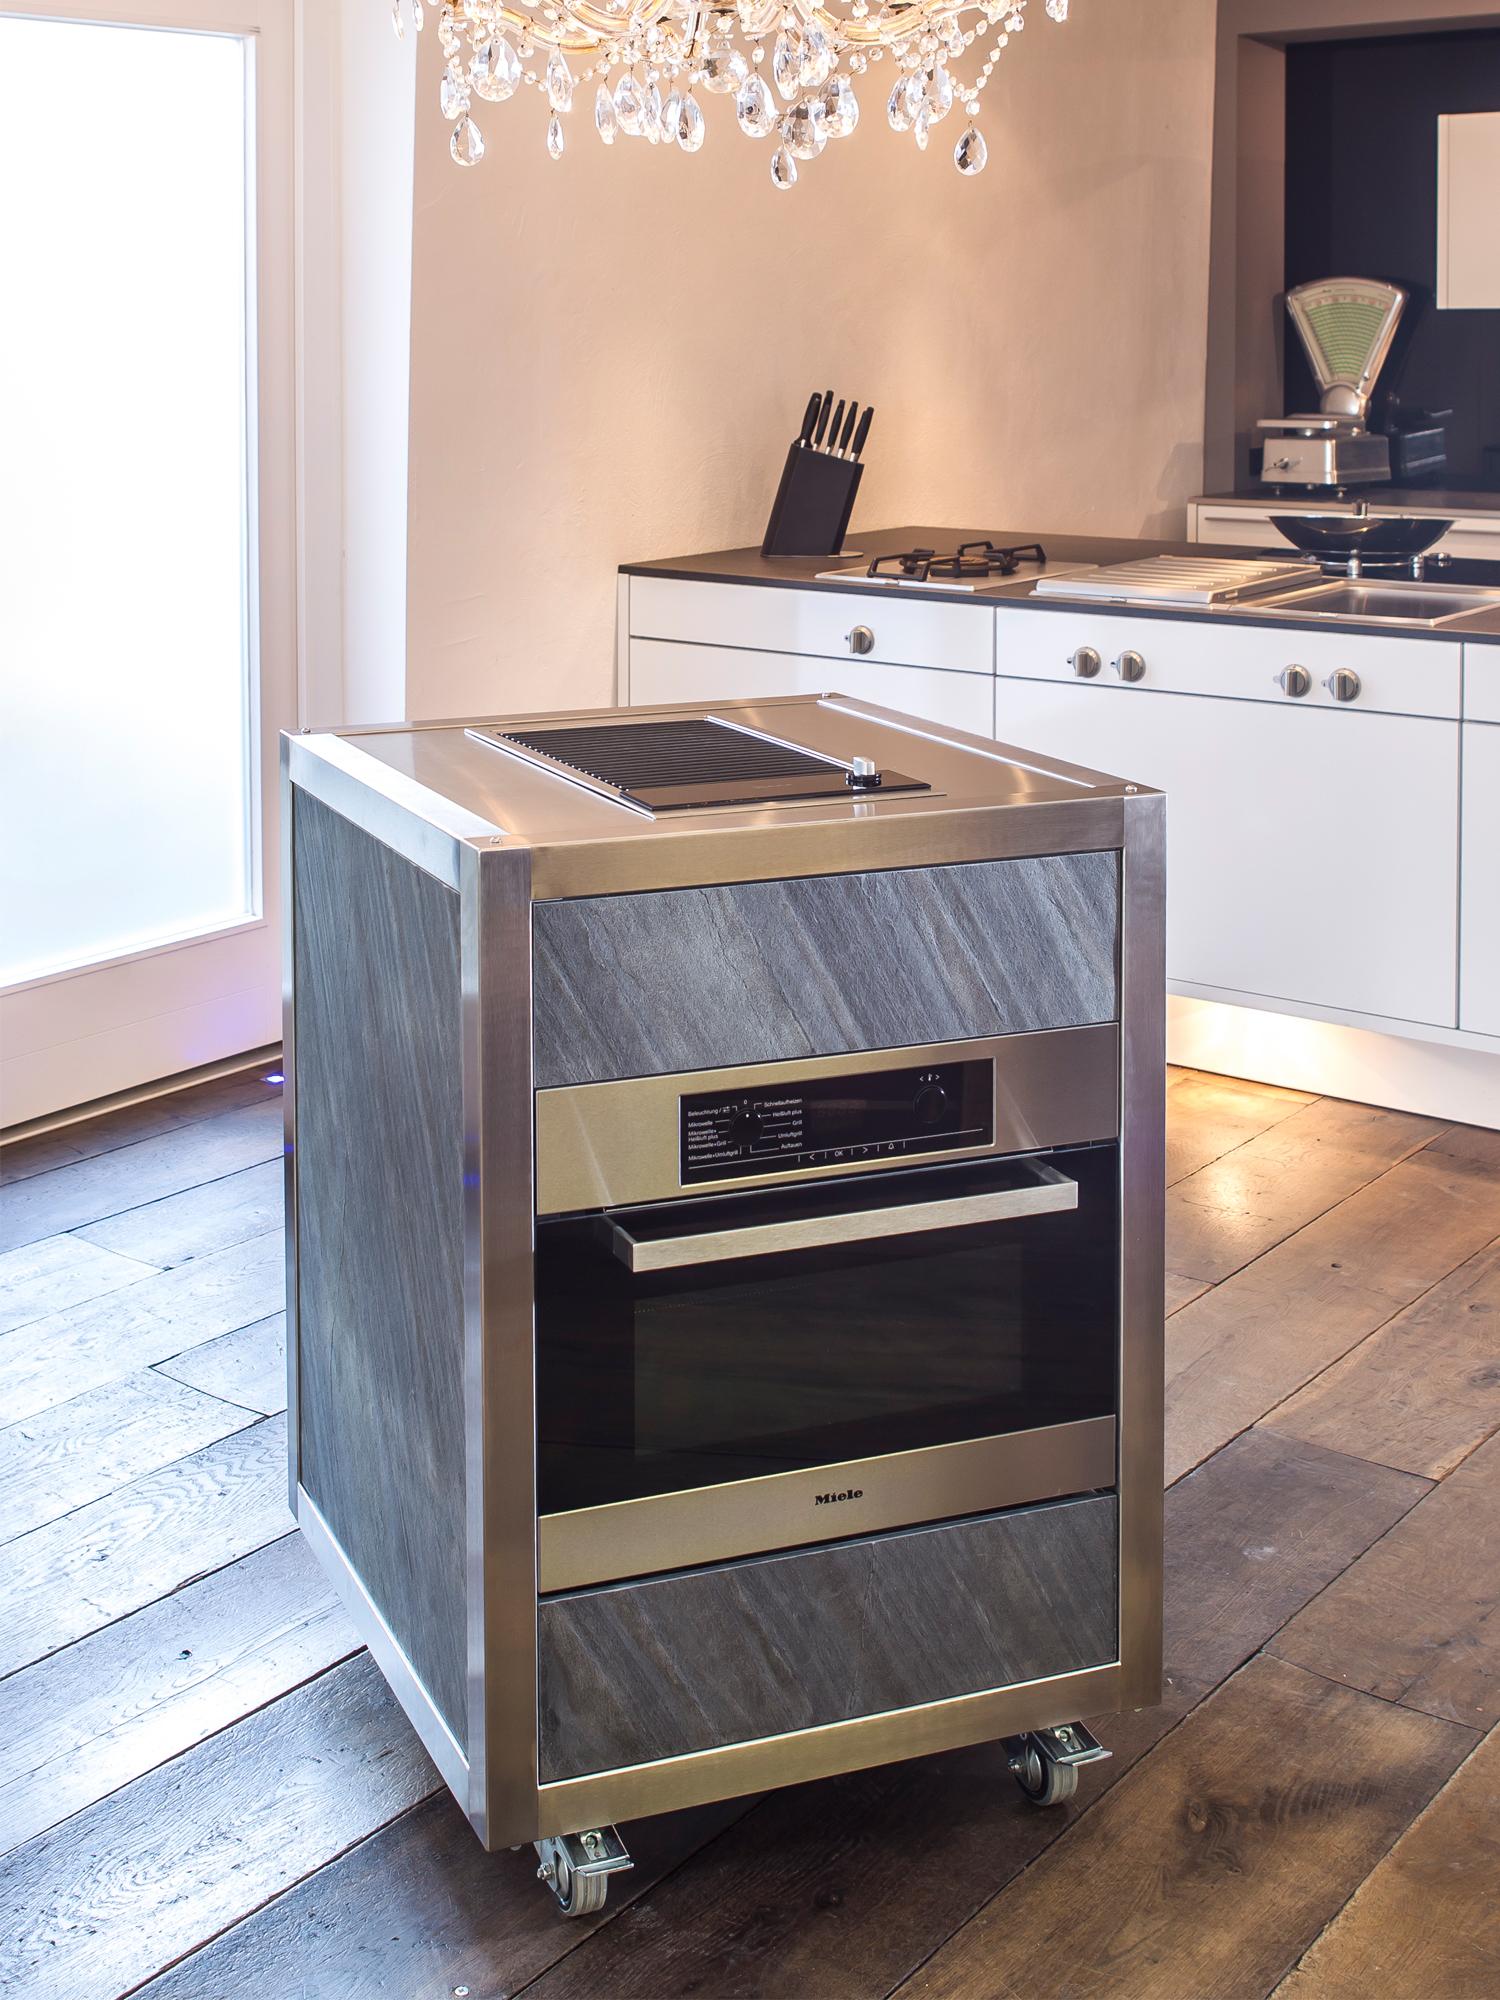 Die mobile Küche Neoculina in Stein mit Grill und Backofen entworfen von Wohnwert